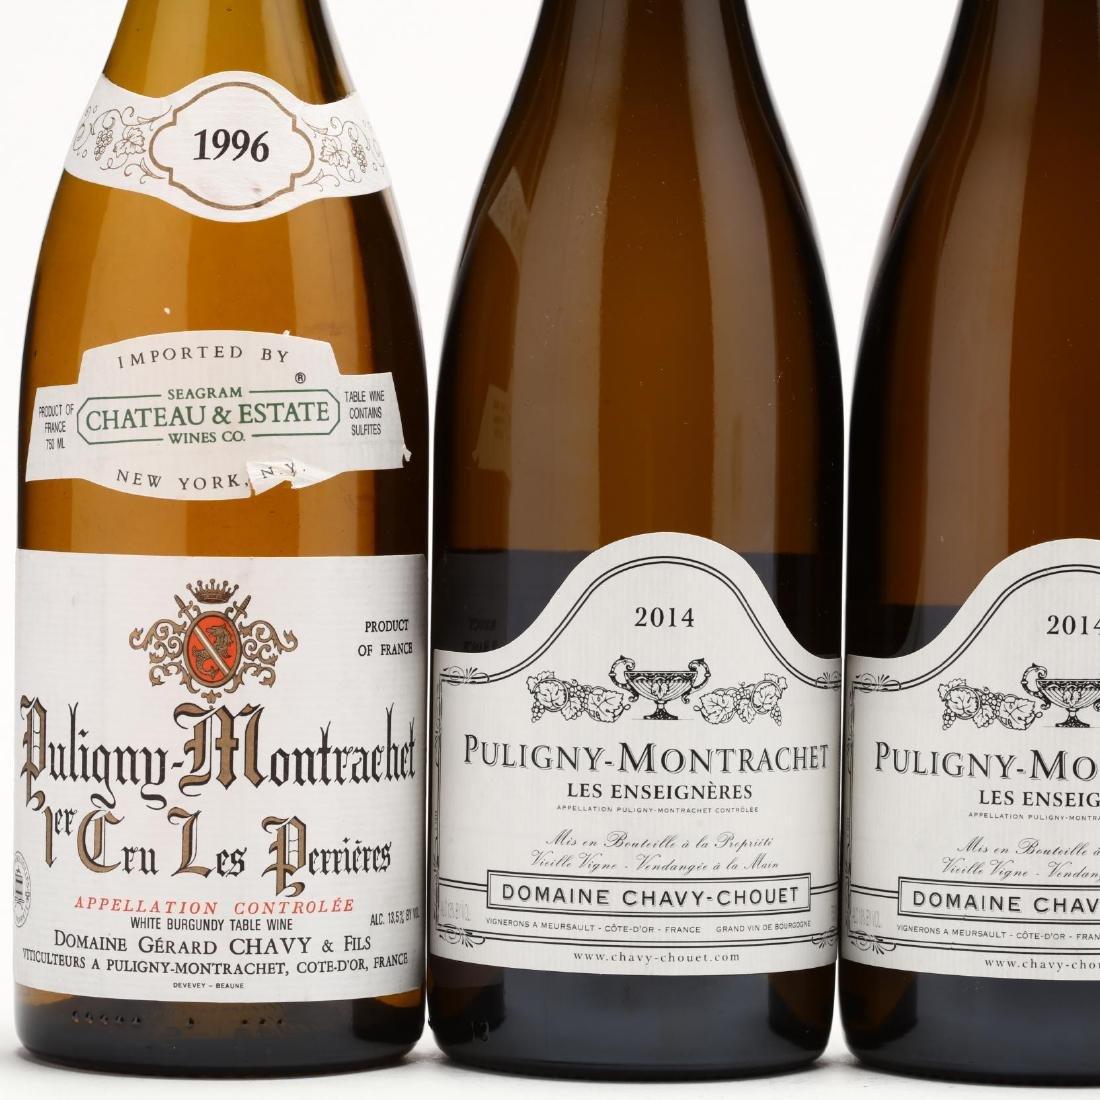 1996 & 2014 Puligny Montrachet - 2